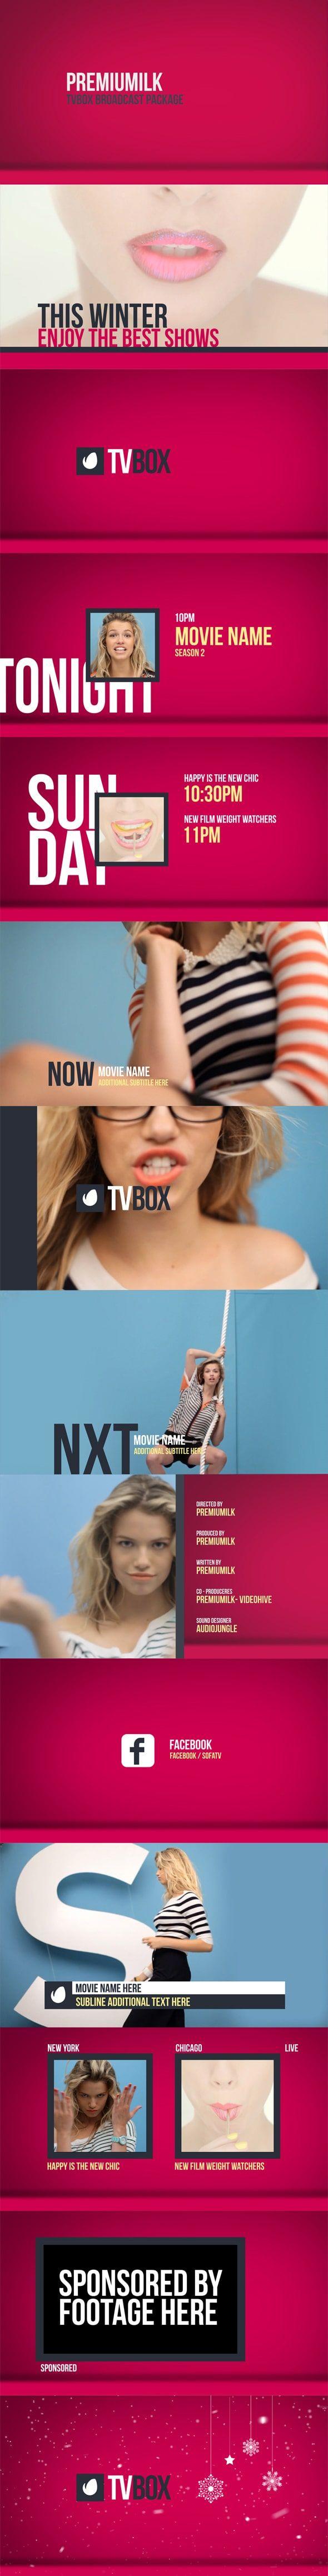 دانلود پروژه افترافکت برودکست تلویزیونی videohive : TVBOX Broadcast Package